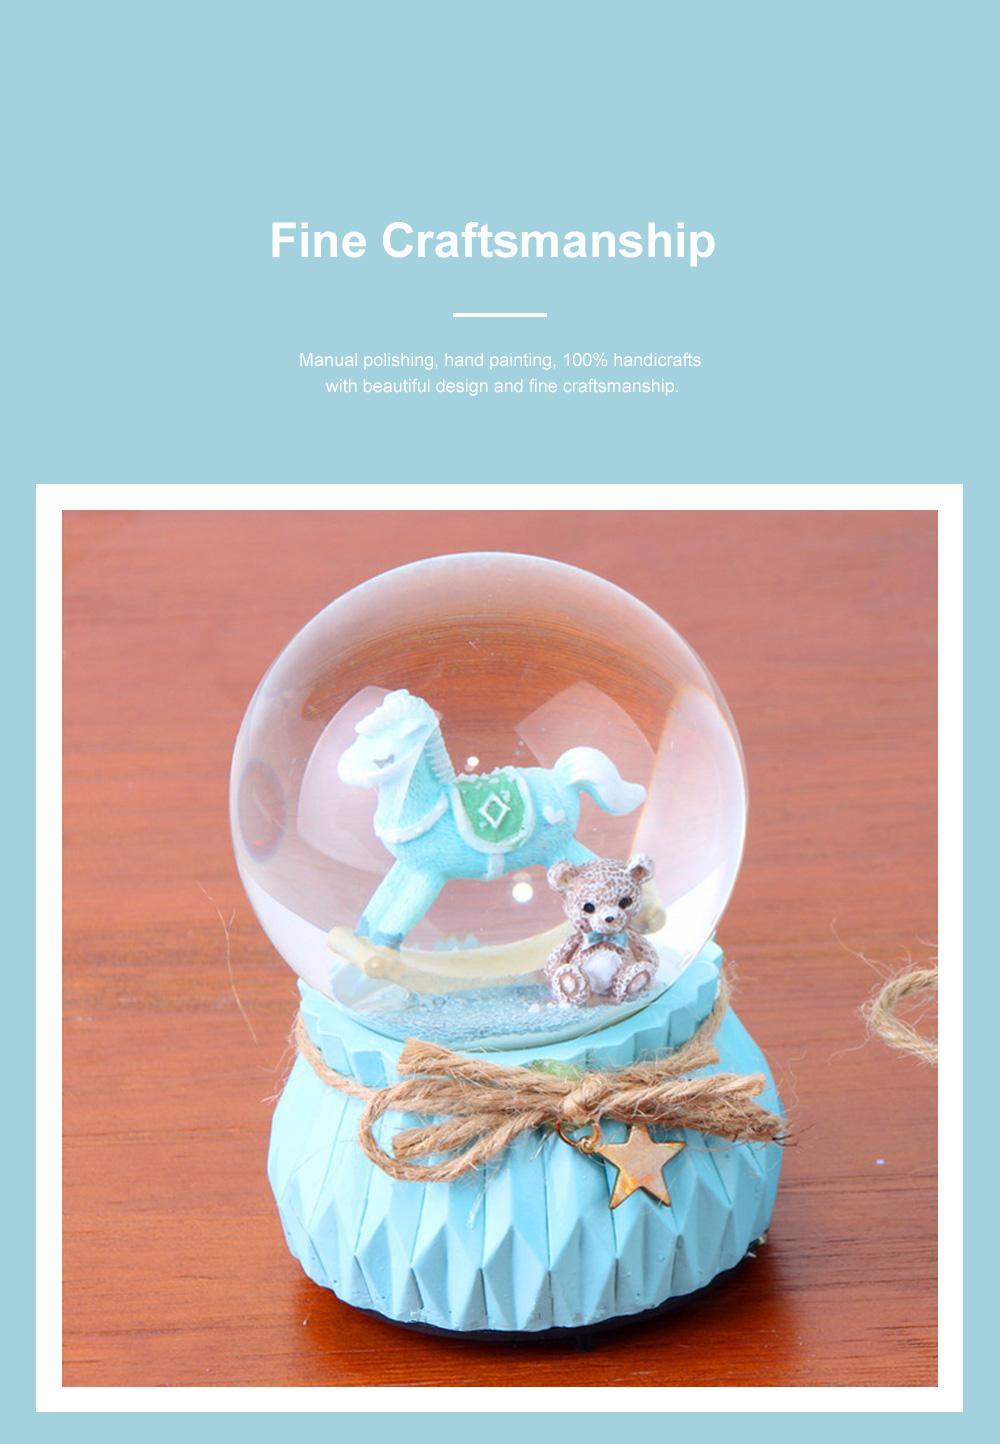 Deer Crystal Ball Rotating Musical Box Resin Base Snowflake Craft Ball for Birthday Gift Christmas Decoration 4